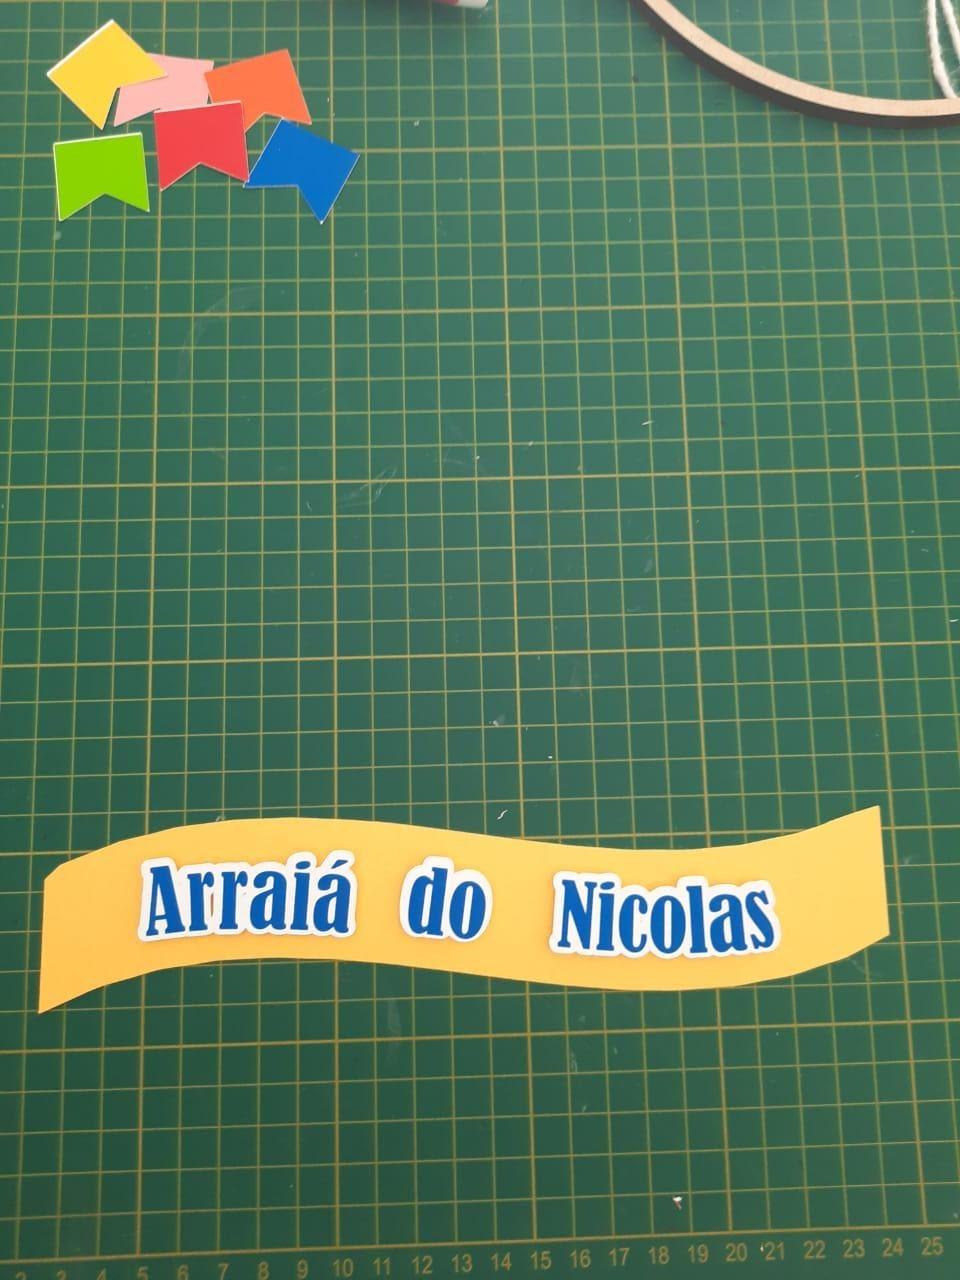 Uma imagem contendo verde, amarelo, azul, mesaDescrição gerada automaticamente